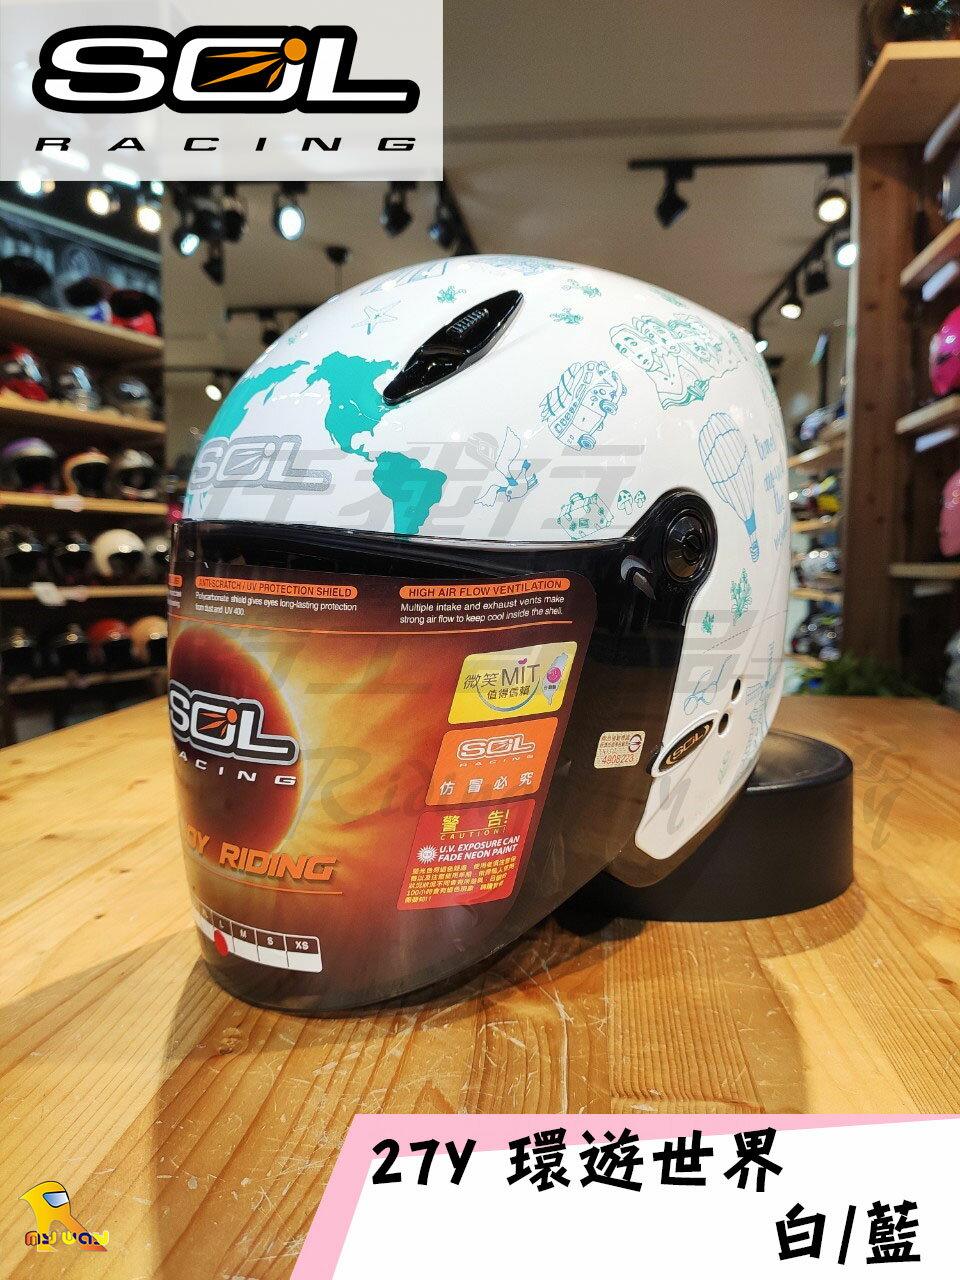 任我行騎士部品 SOL 27Y 環遊世界 小帽體 女生適用 3/4罩 安全帽 DOT 白藍